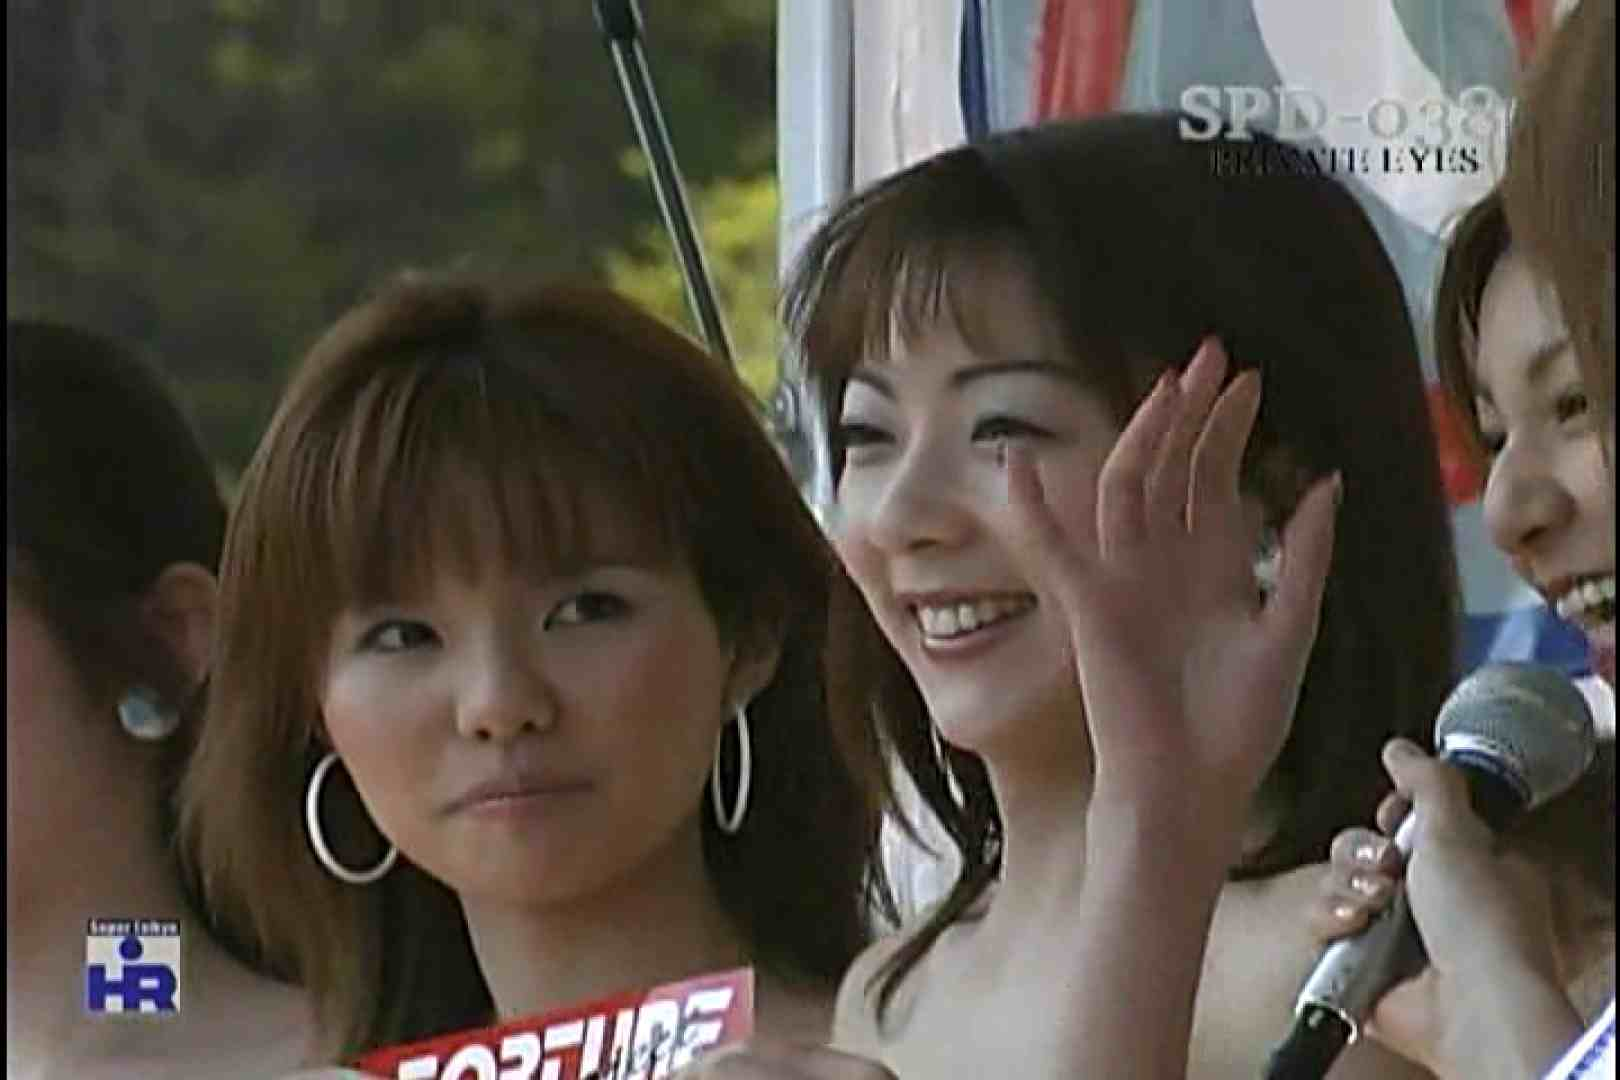 高画質版!SPD-038 サーキットの女神達 仙台ハイランドレースウェイ 高画質   プライベート  87pic 50